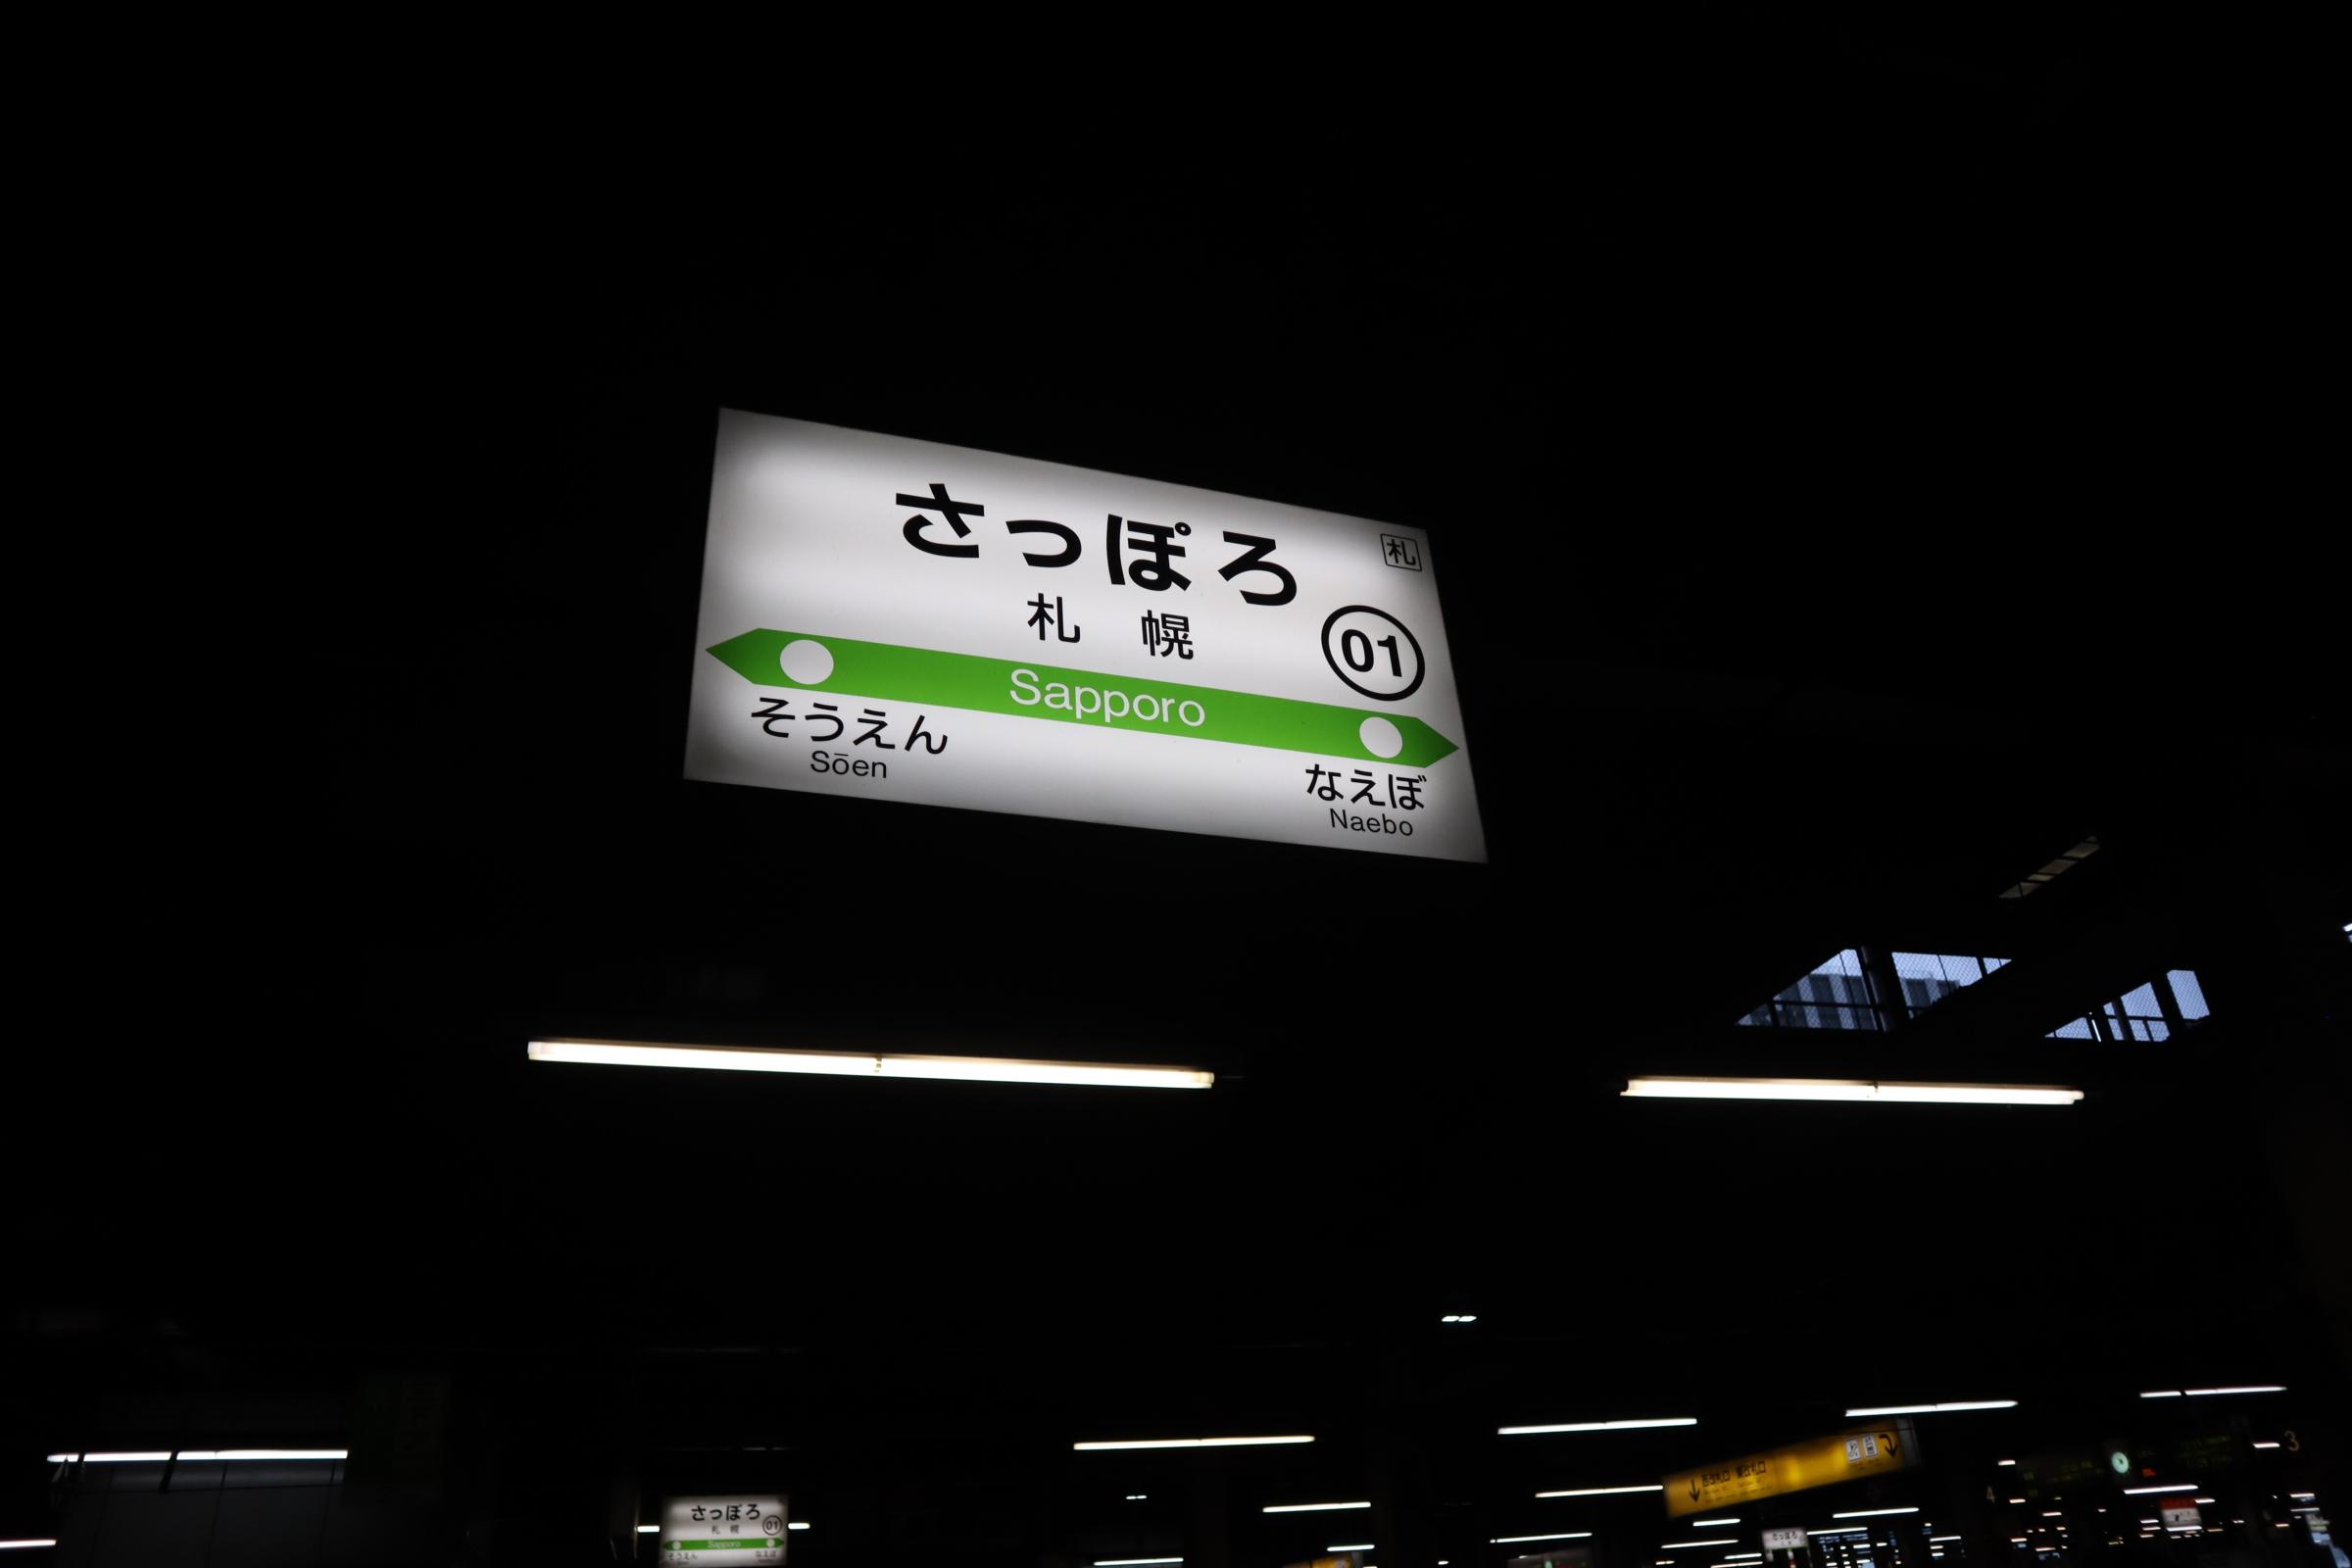 名古屋から北海道日帰り旅行ができる!中部国際空港セントレア発、スカイマークの飛行機がオススメ - IMG 6634